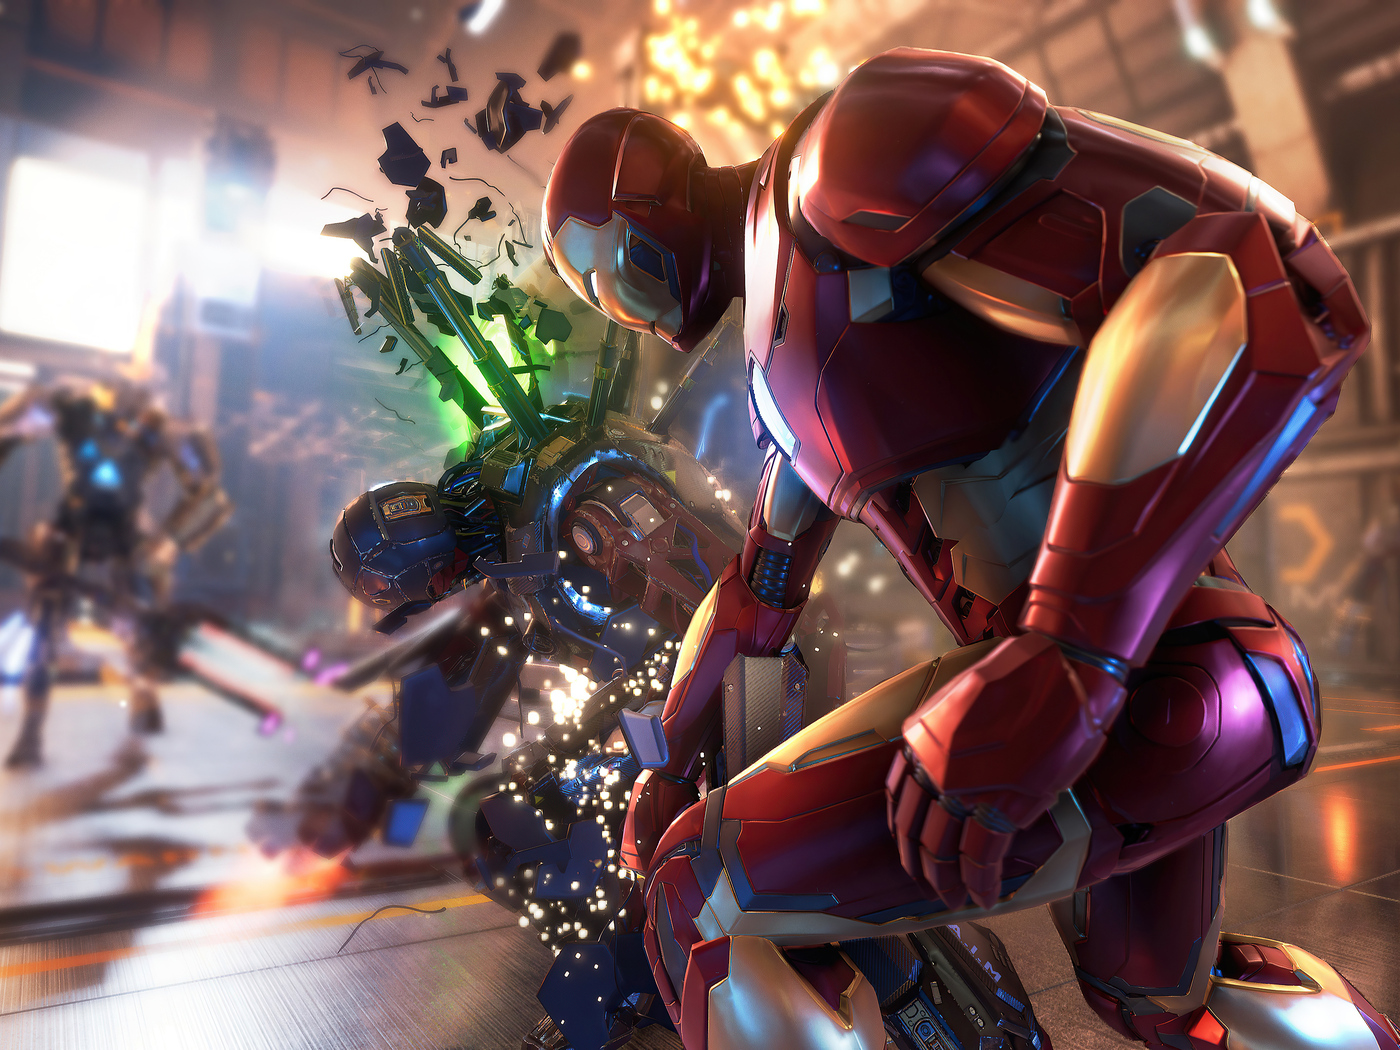 iron-man-in-marvels-avengers-19.jpg